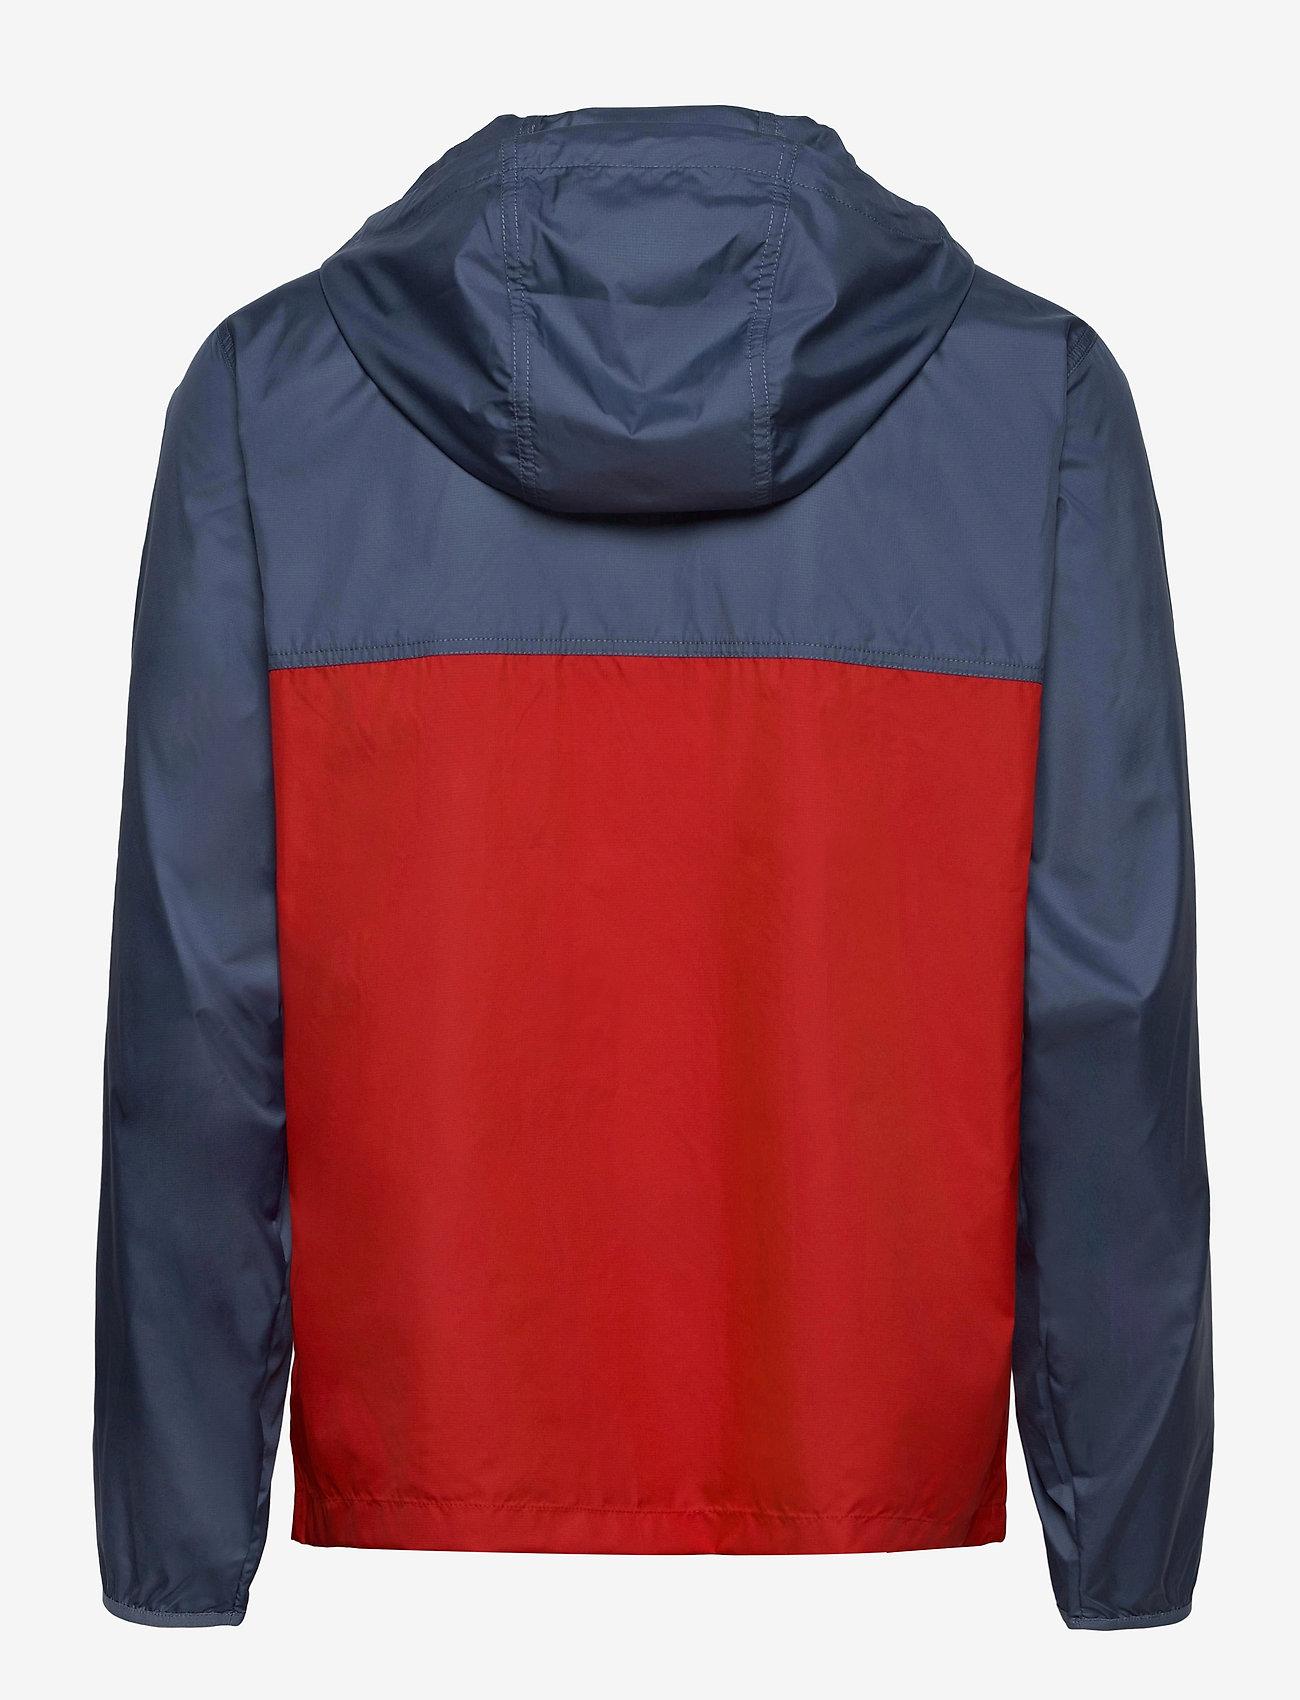 The North Face - M CYCLONE JACKET - vestes d'extérieur et de pluie - vintage indigo-rococco red - 1